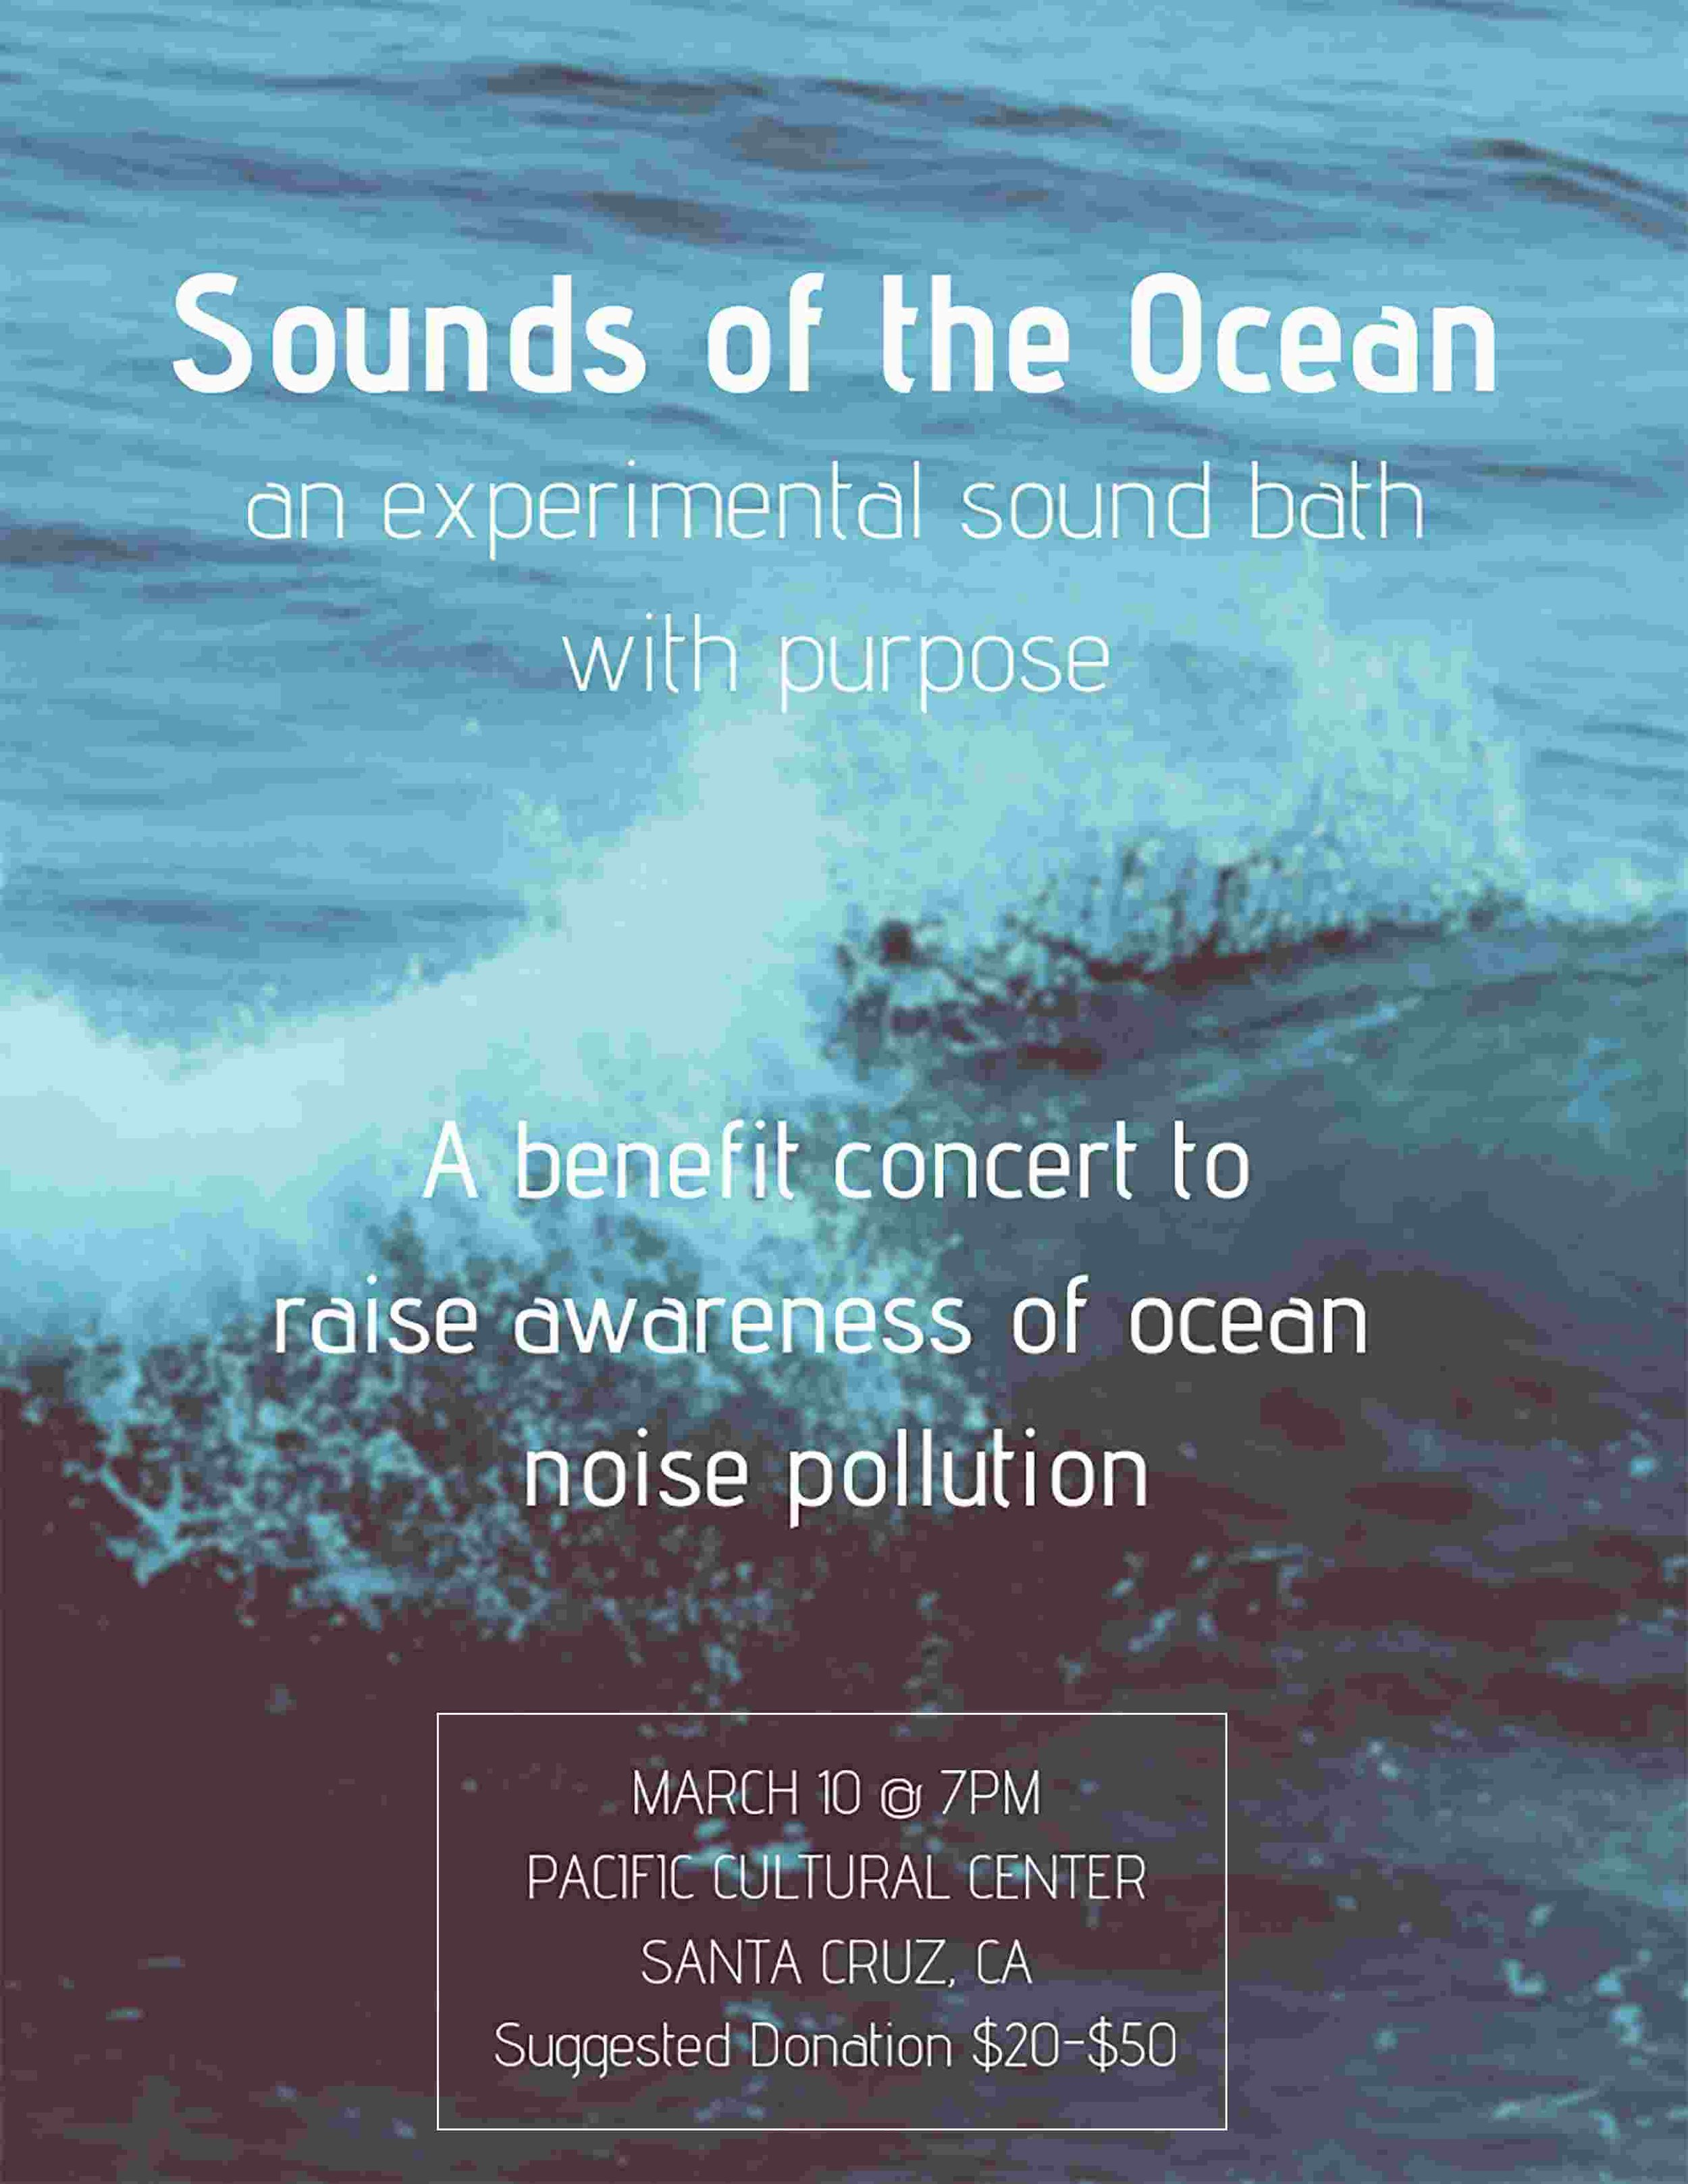 Sounds of the Ocean-flyer.jpg